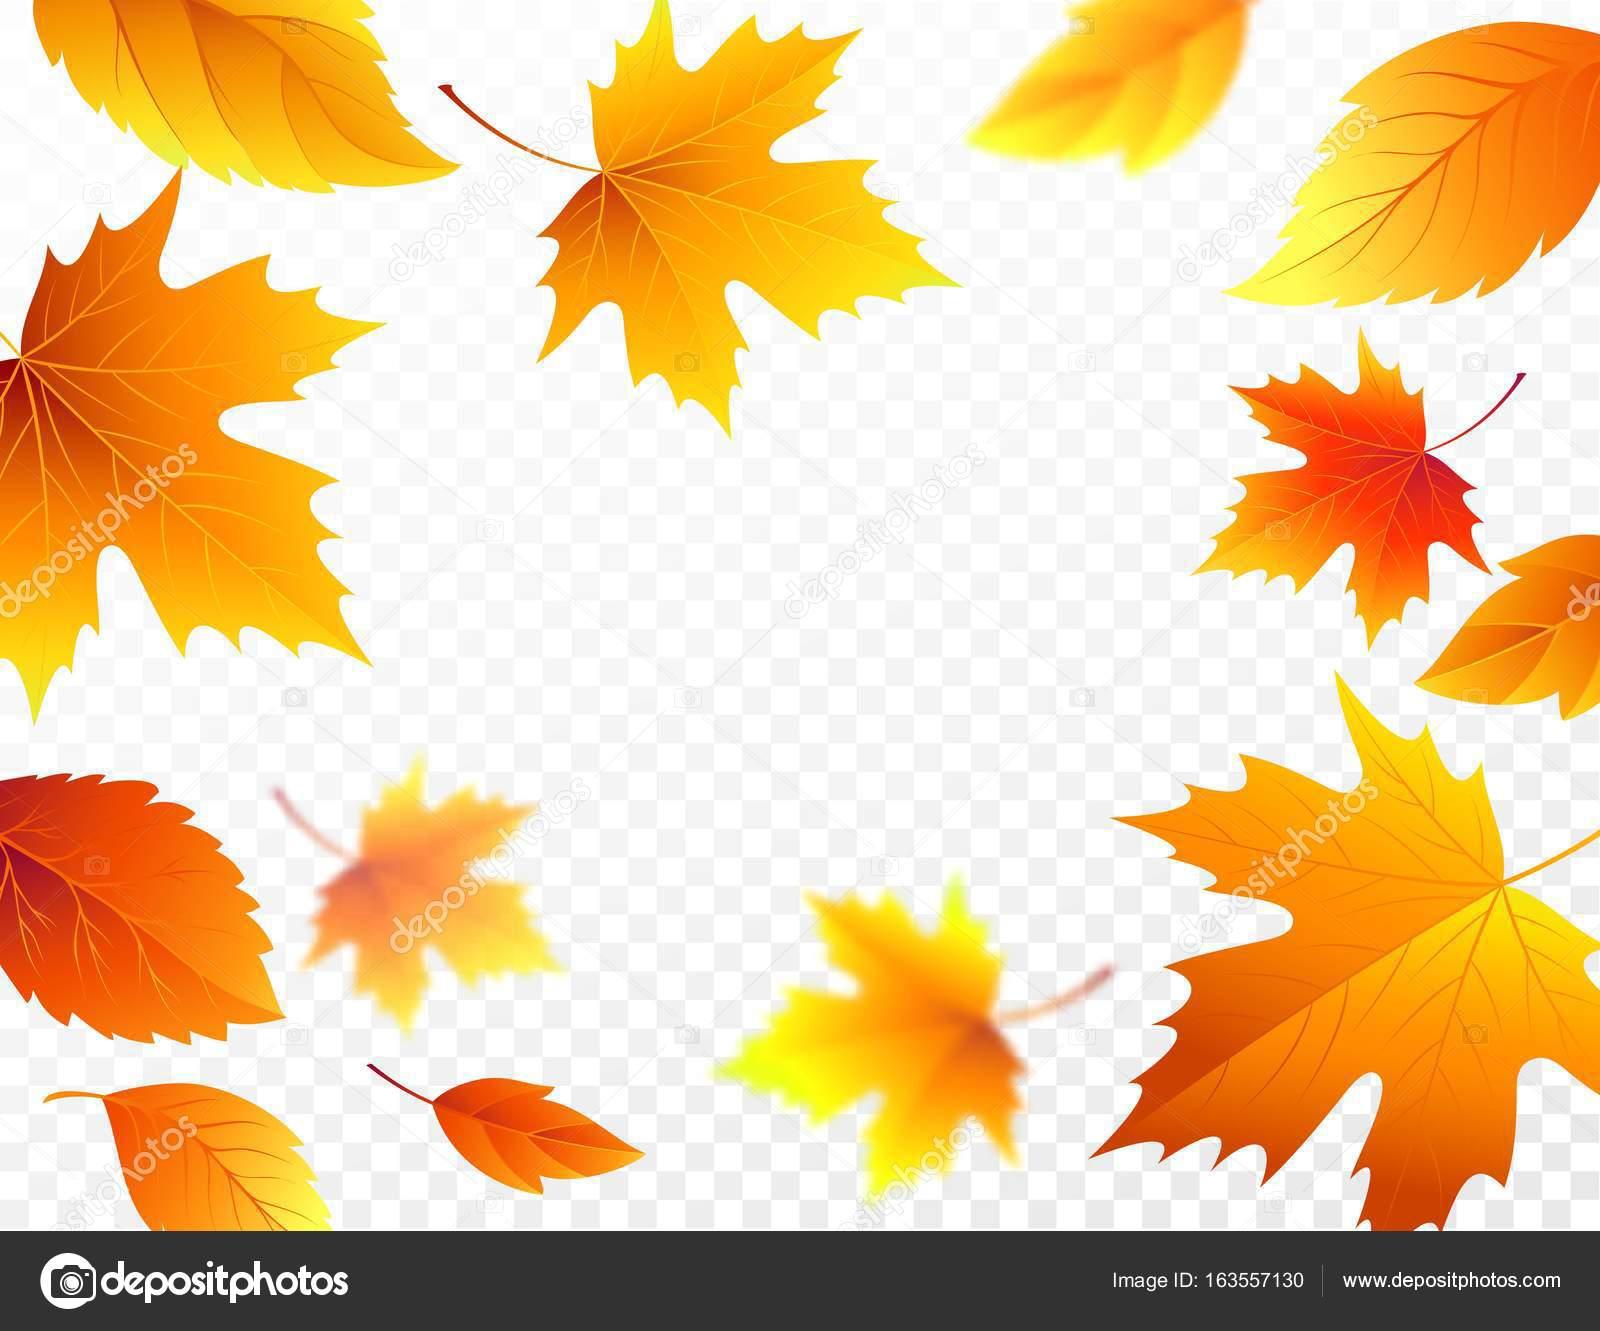 Wallpaper Leaves Falling Folhas De Outono Caindo Em Fundo Transparente Quadriculado